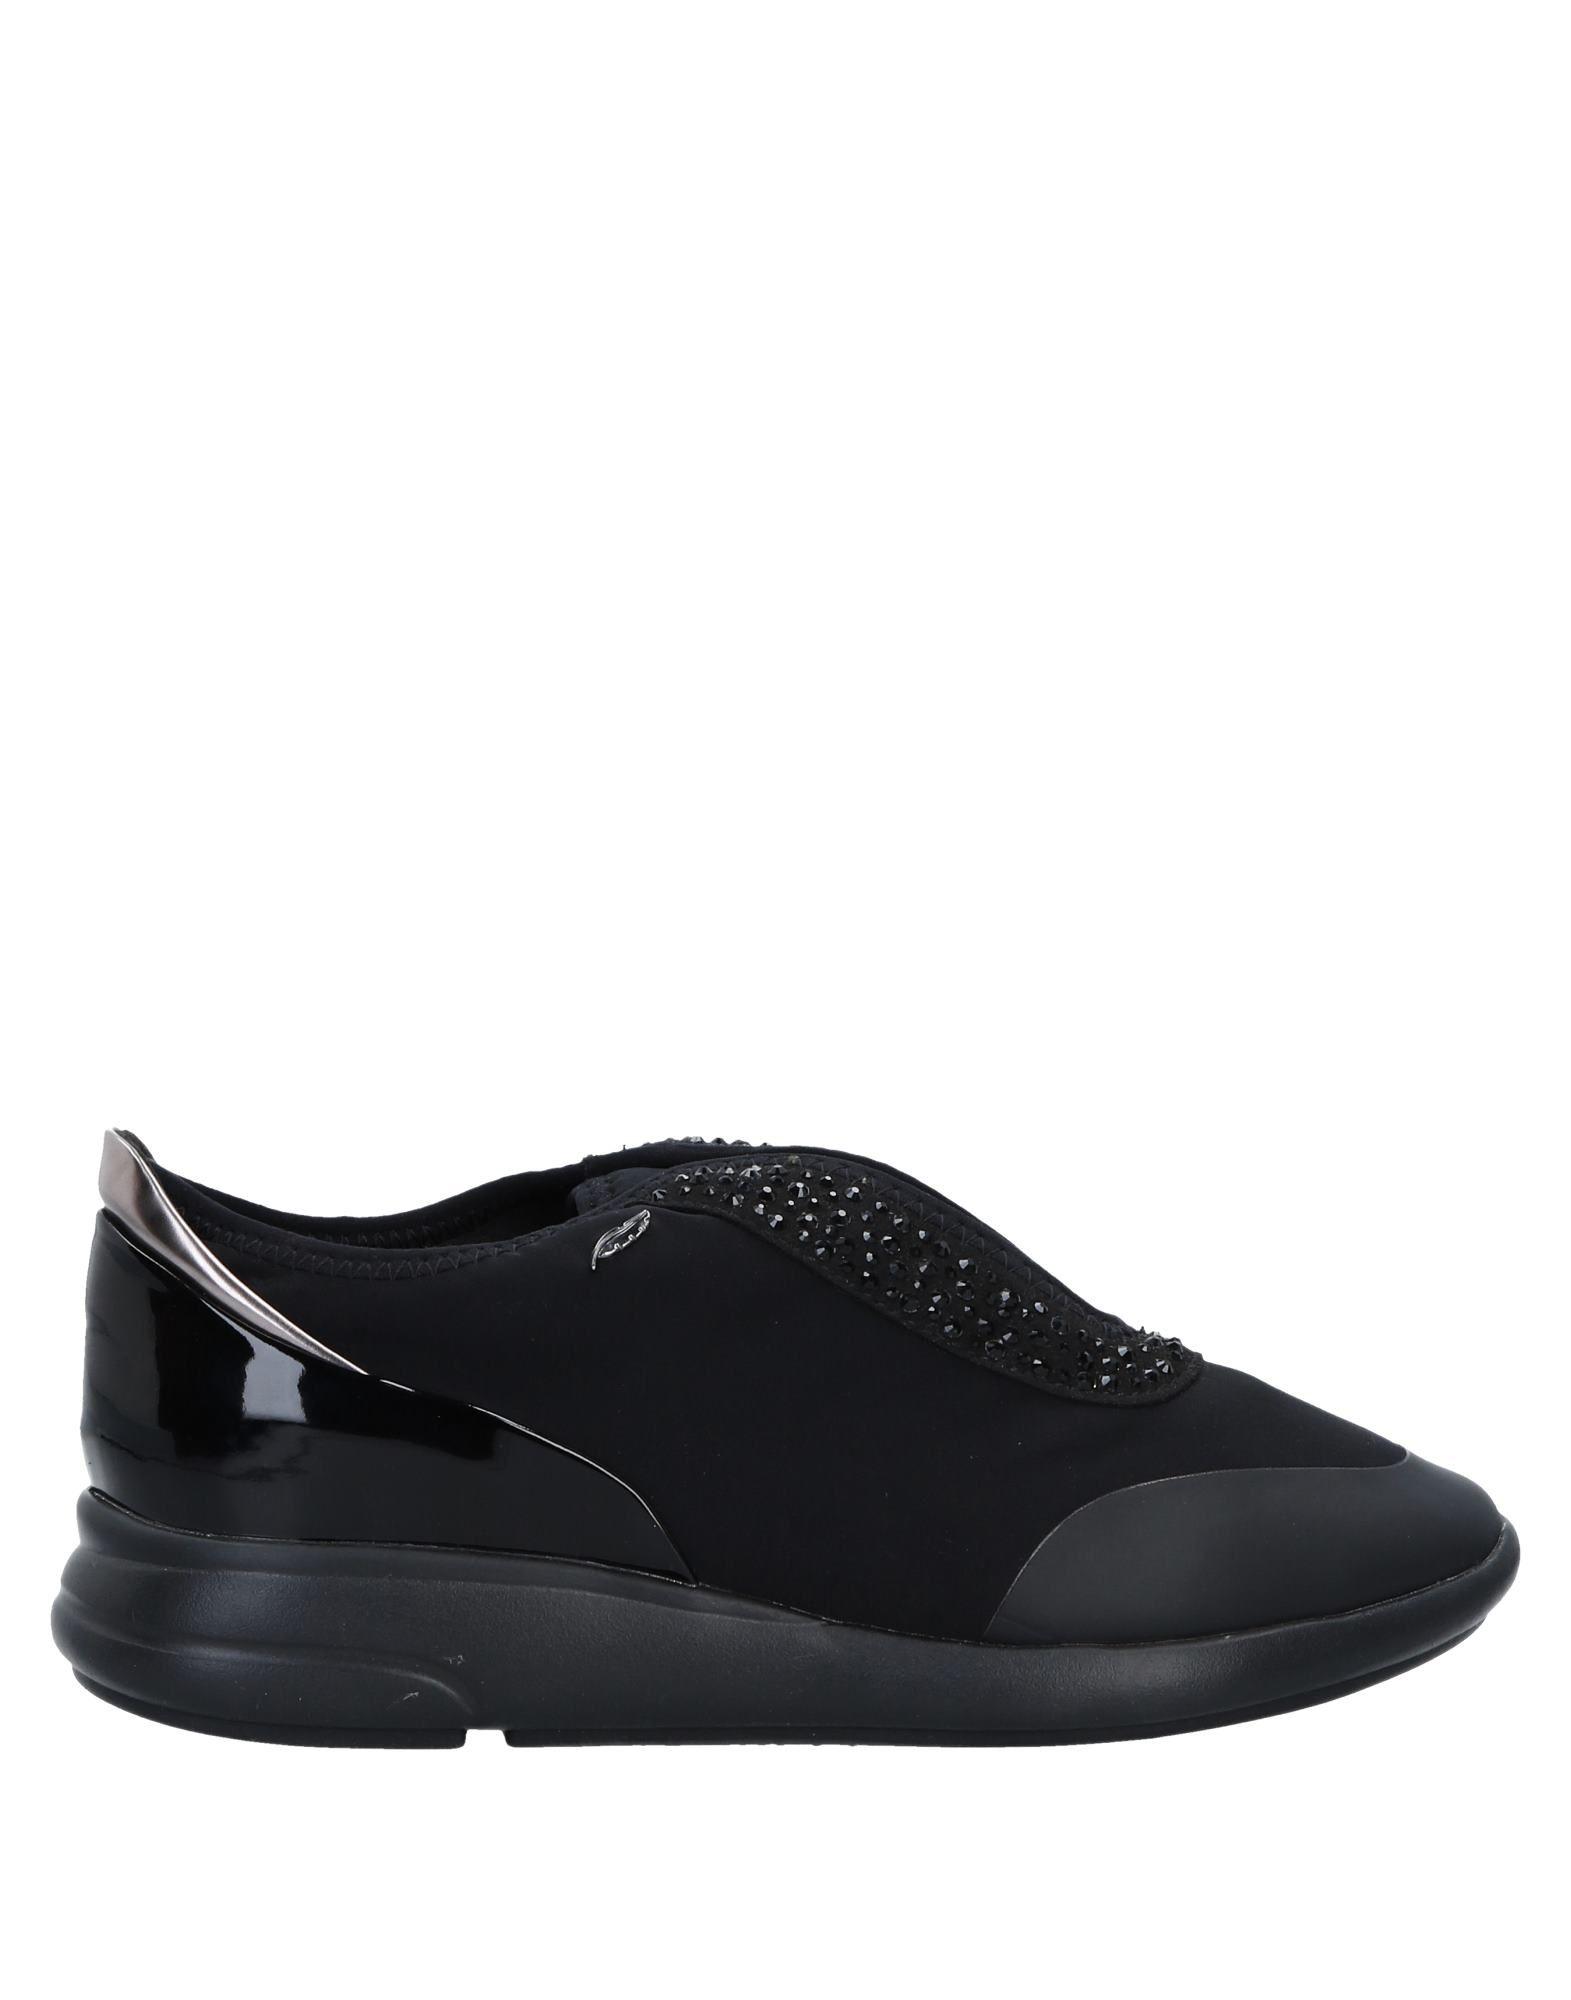 Sneakers Geox Donna - 11541521LN Scarpe economiche e buone